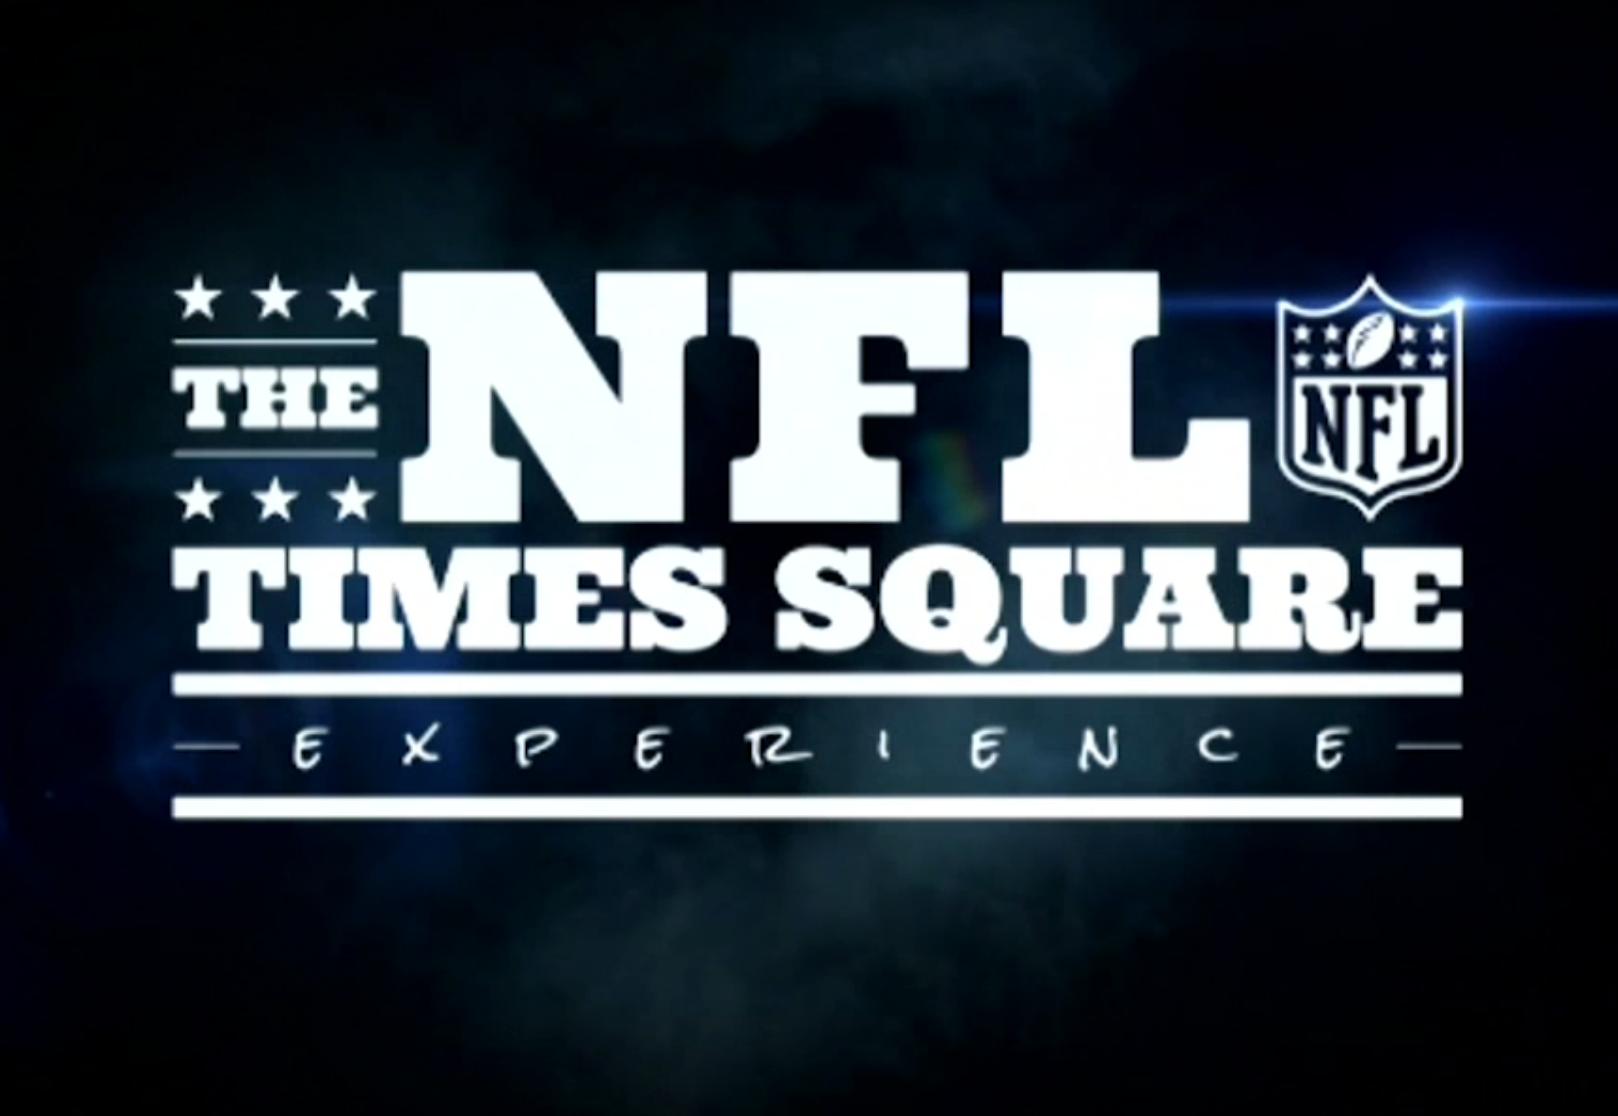 NFL e Cirque du Soleil a Times Square dal 2017